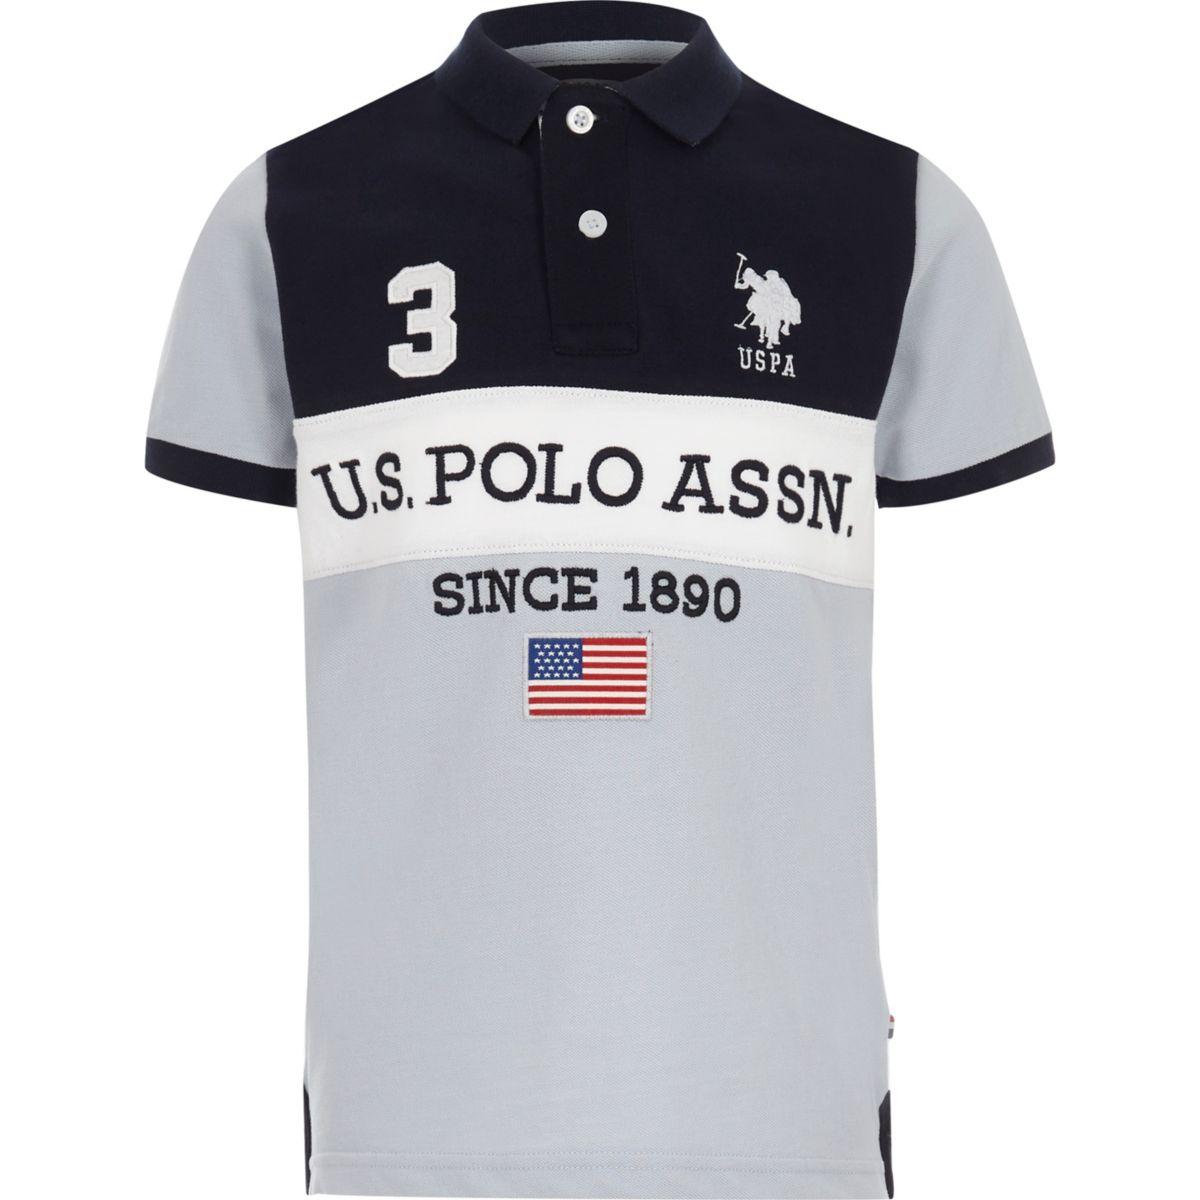 boys navy u s polo assn polo shirt polo shirts boys. Black Bedroom Furniture Sets. Home Design Ideas